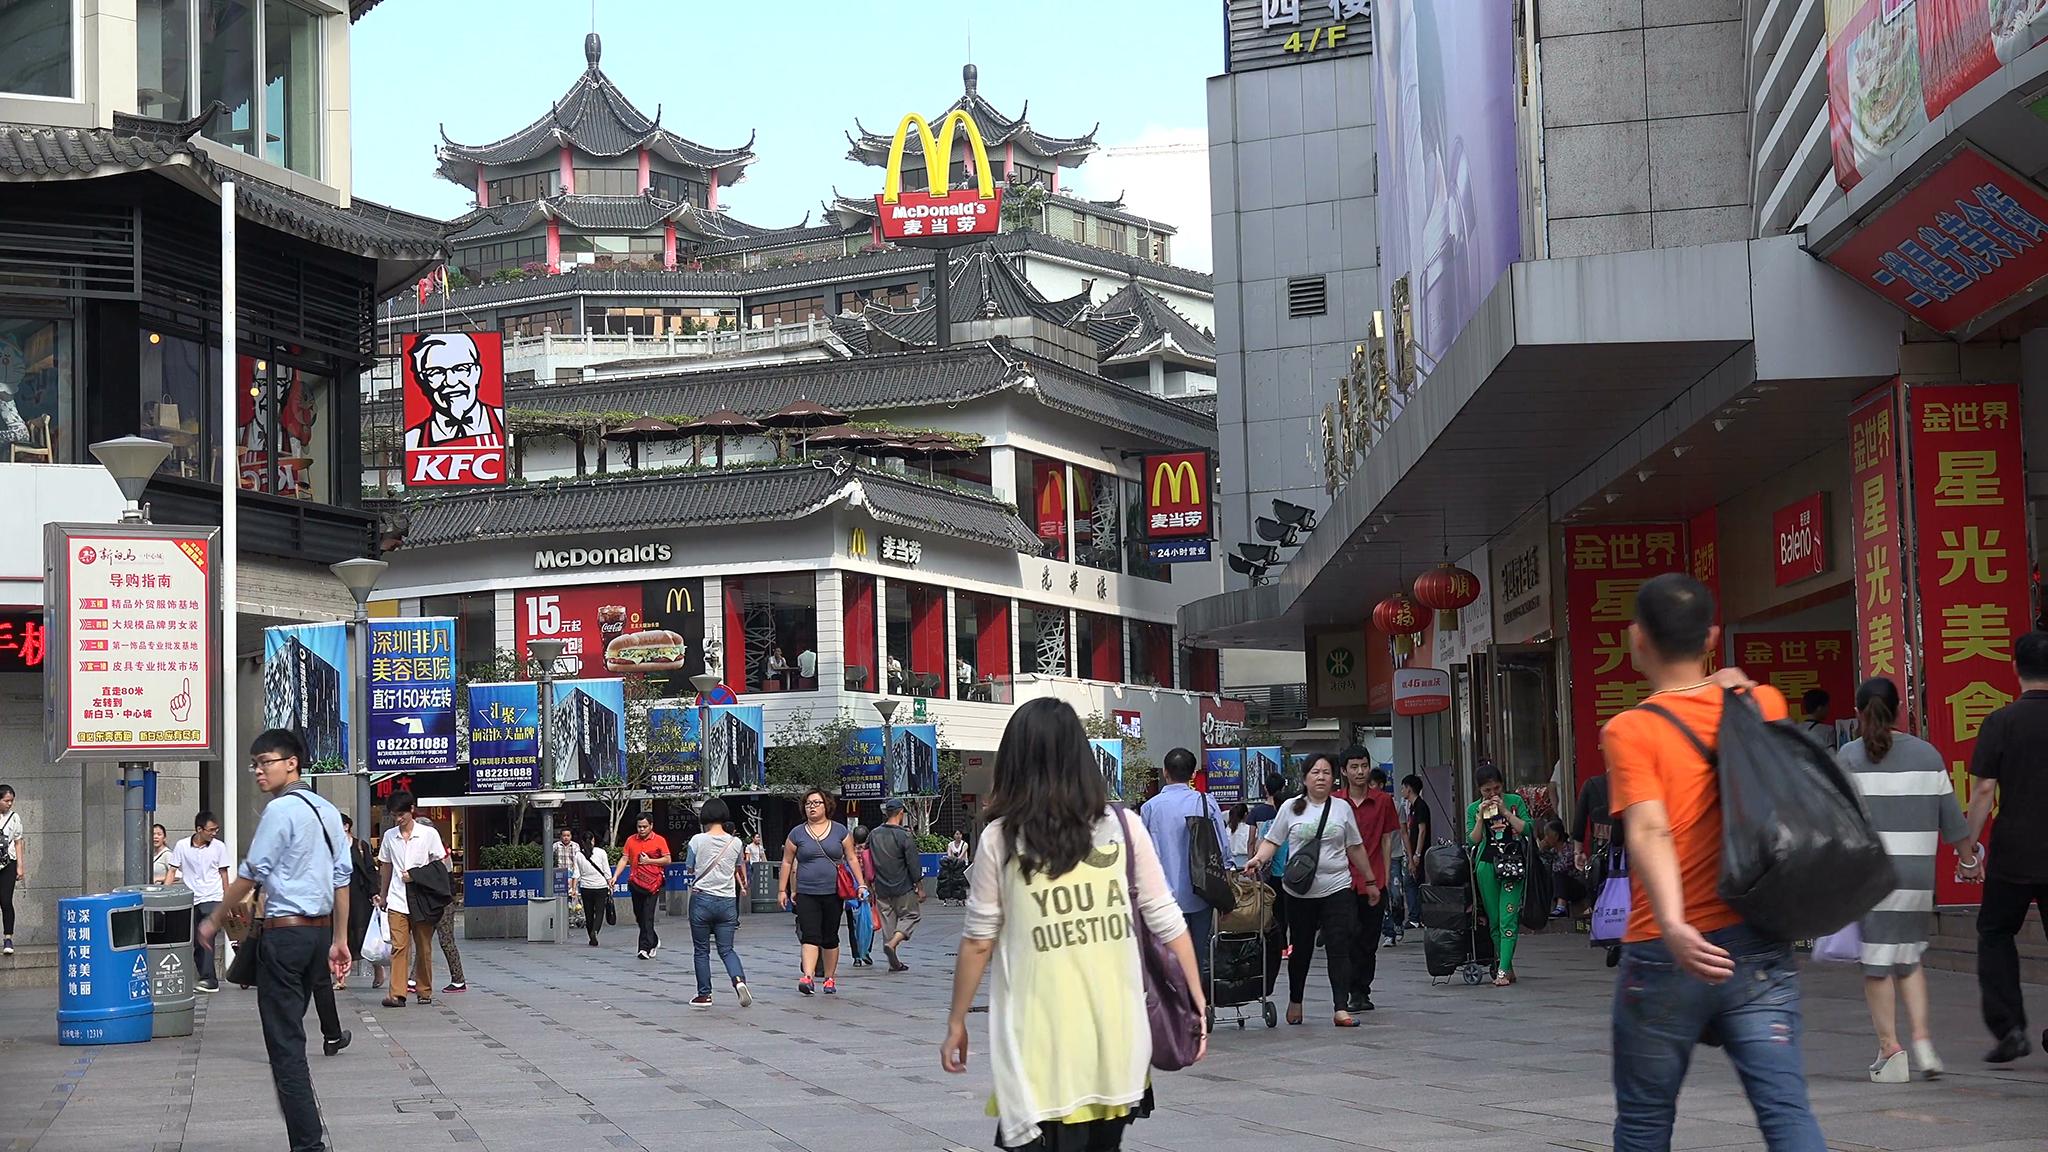 Com pezinhos de lã, a China tornou-se um universo paralelo